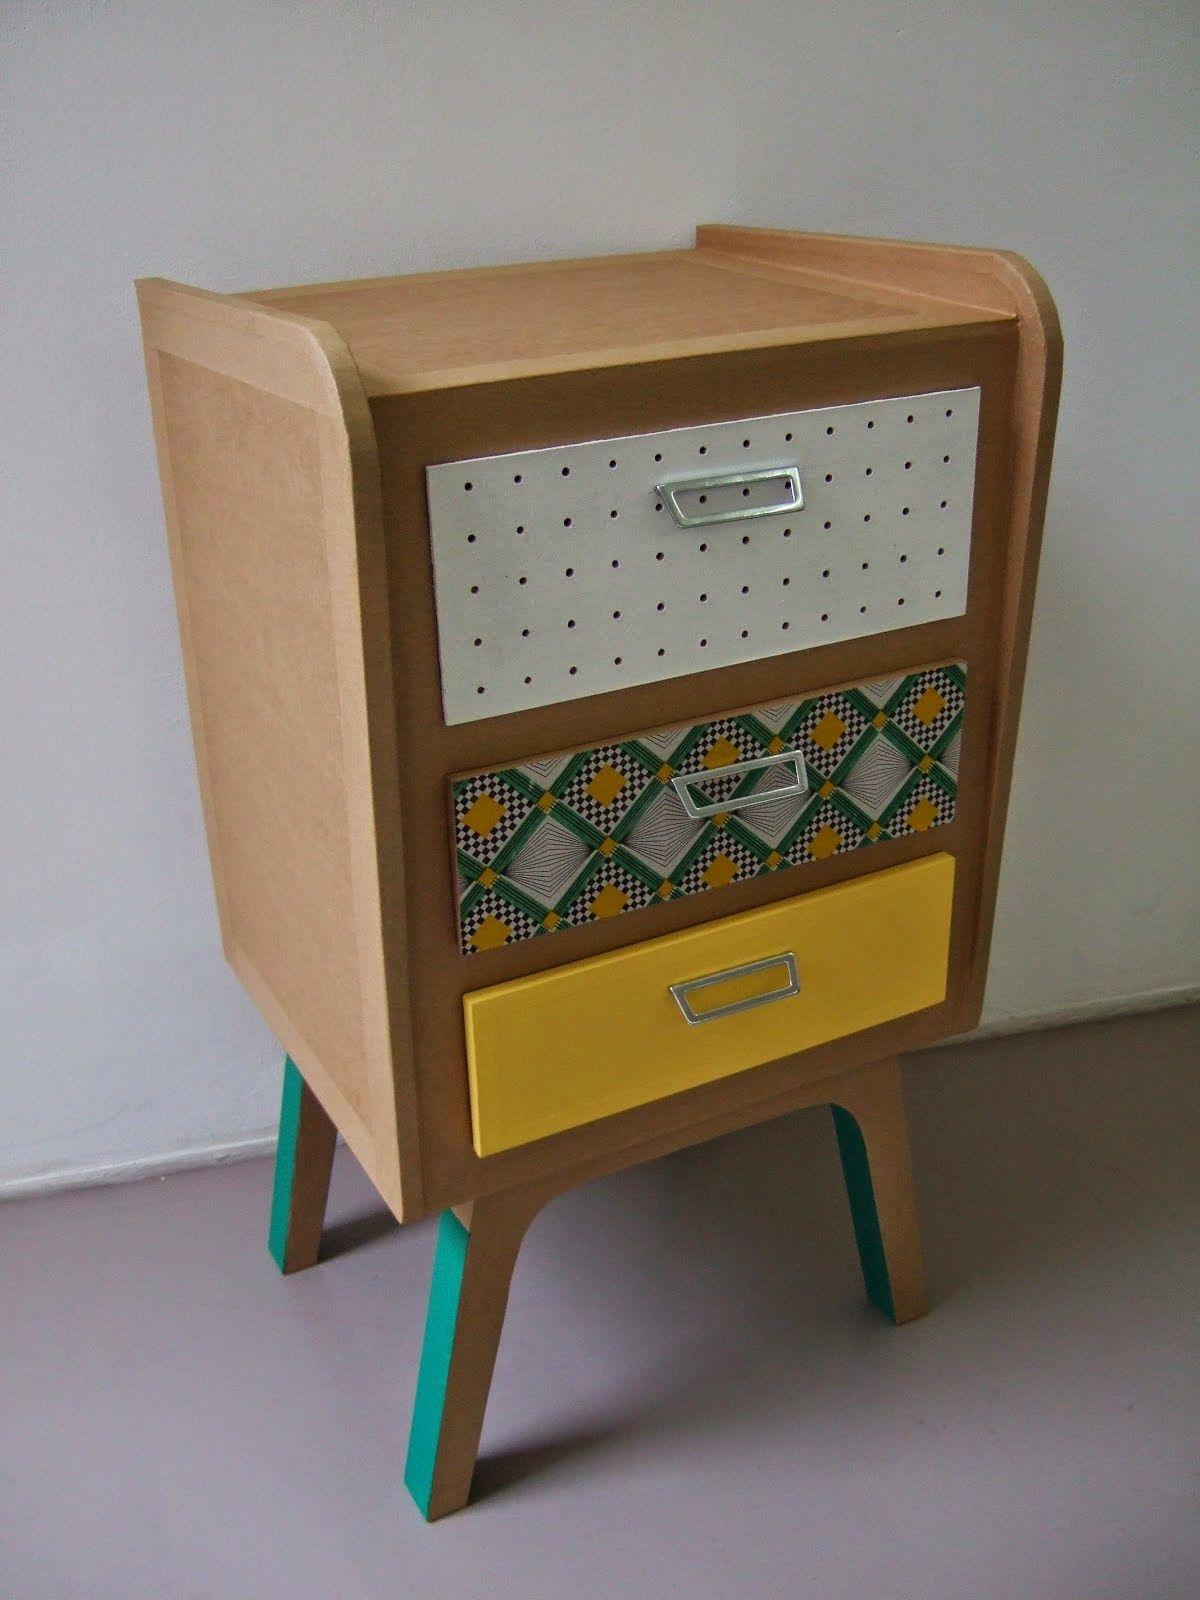 Image De Meuble En Carton commode en carton | meuble en carton, mobilier en carton